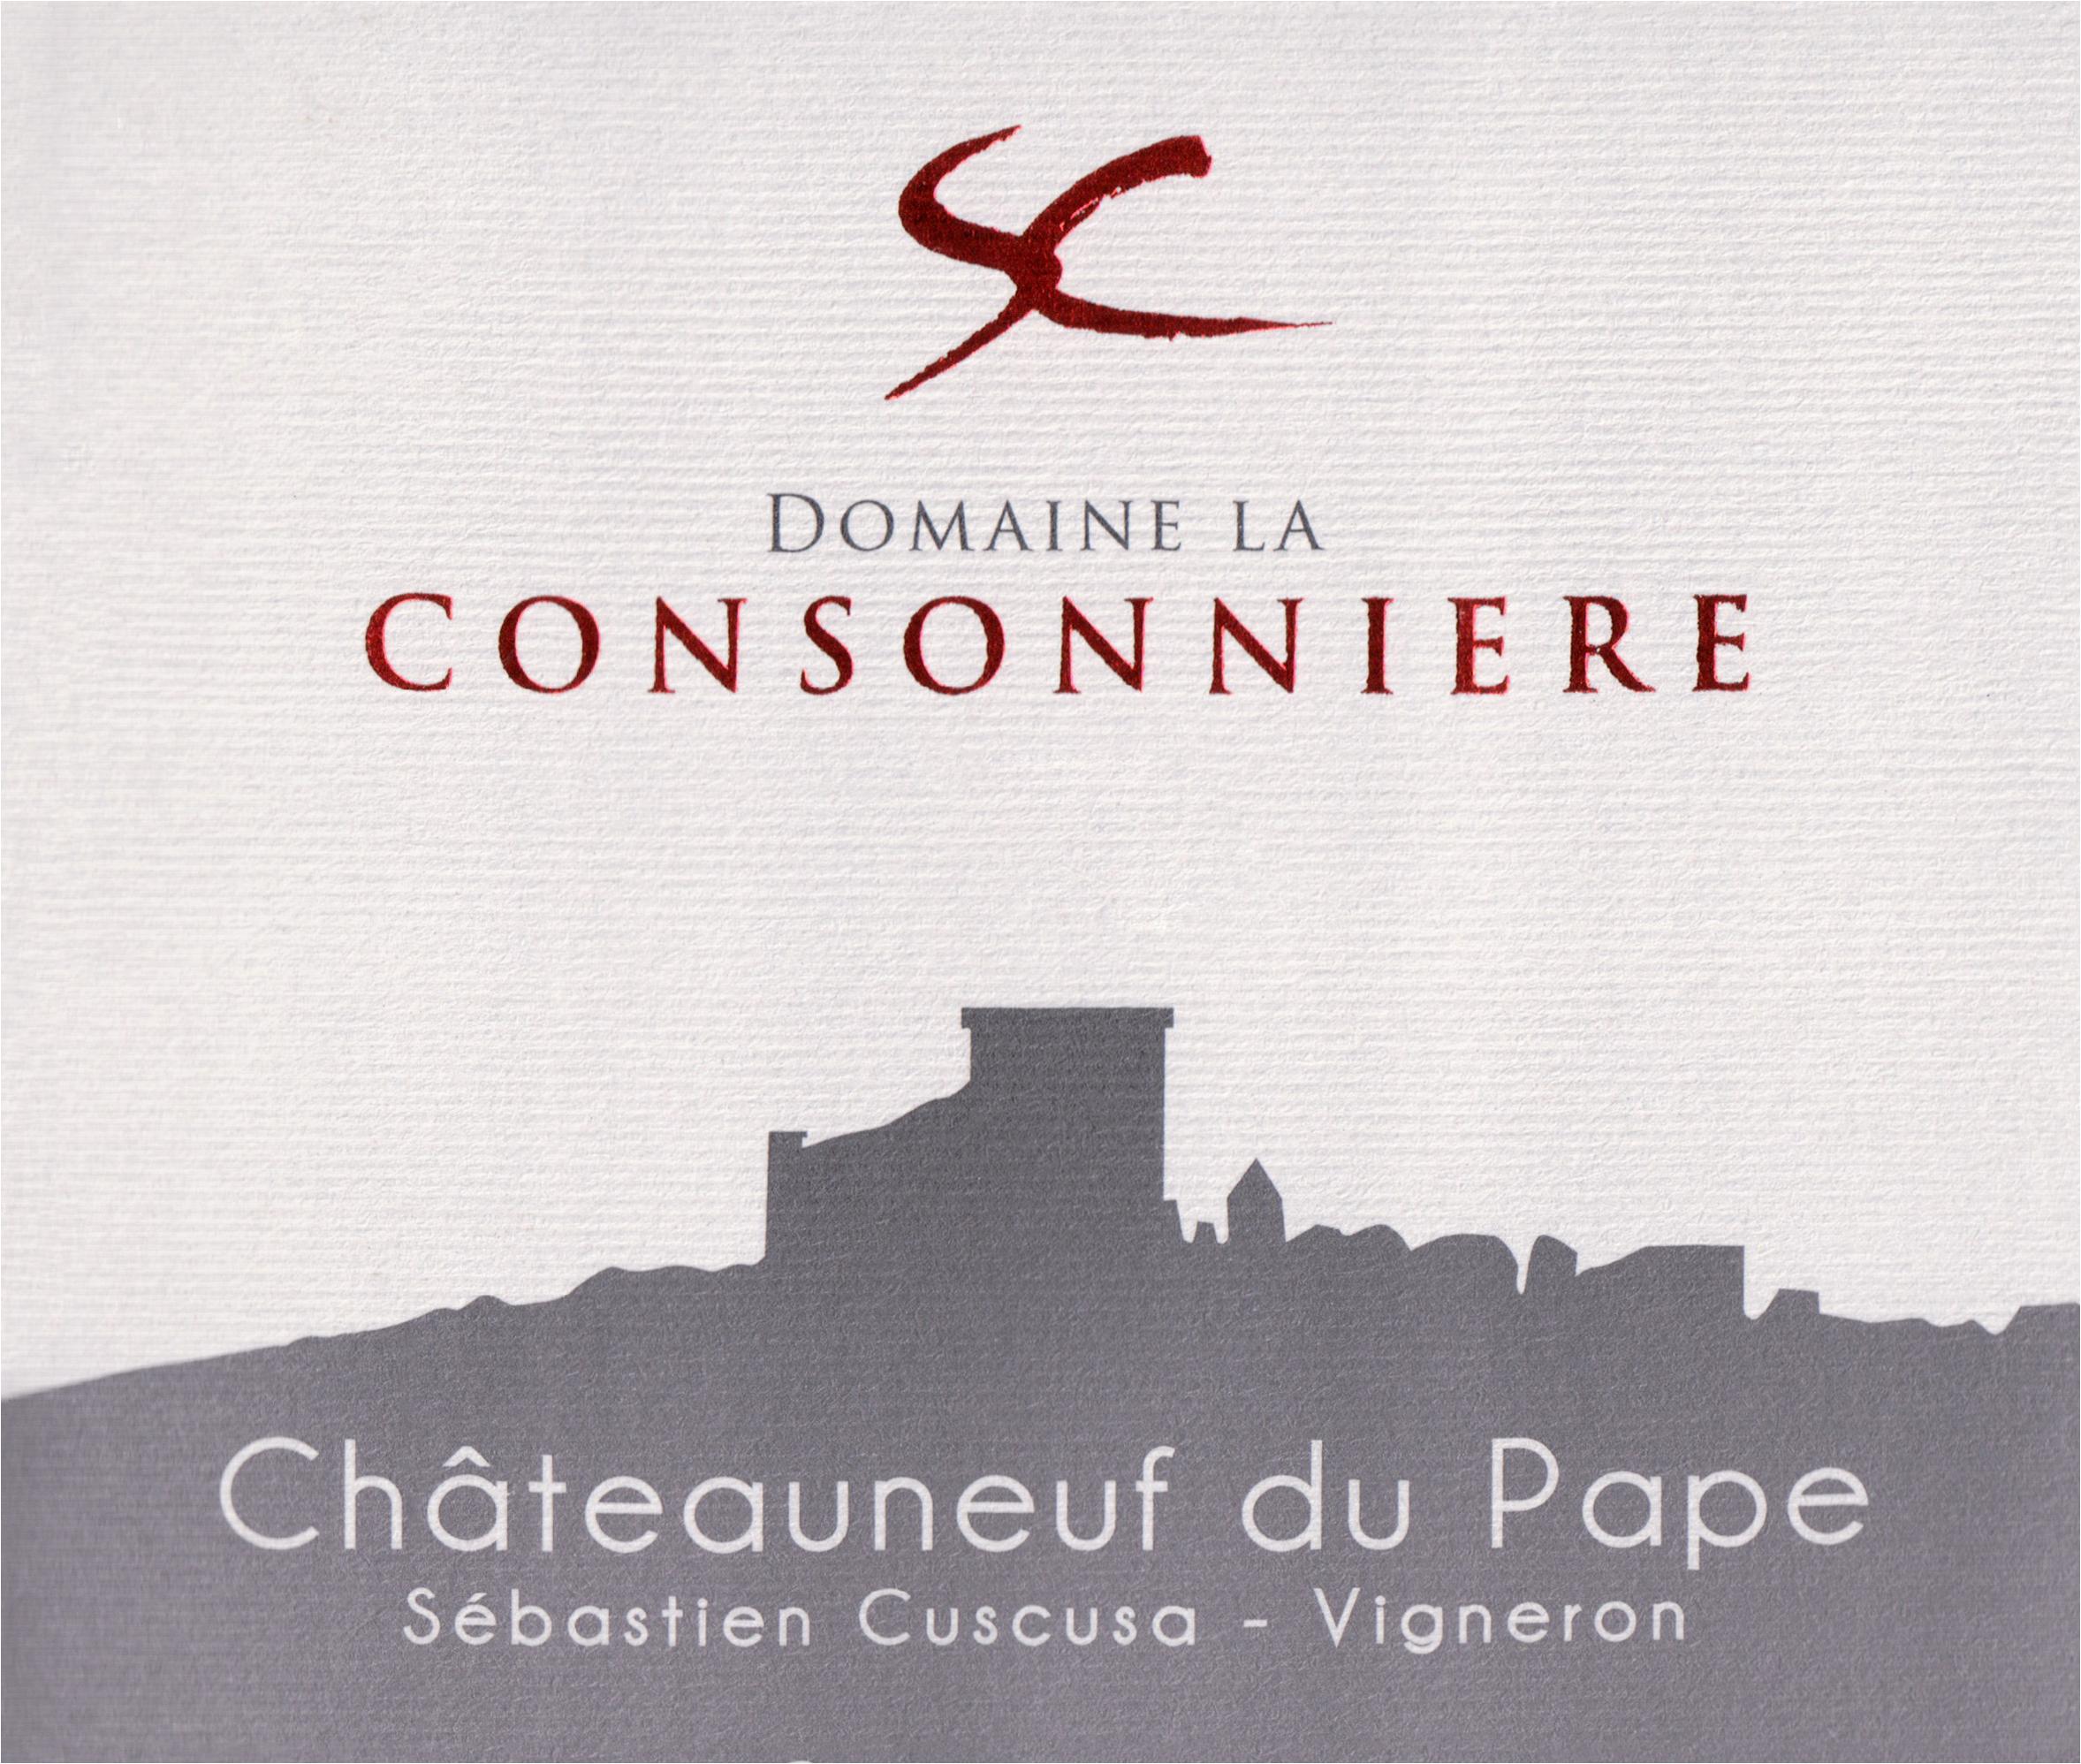 Domaine La Consonniere Chateauneuf Du Pape Rouge 2016